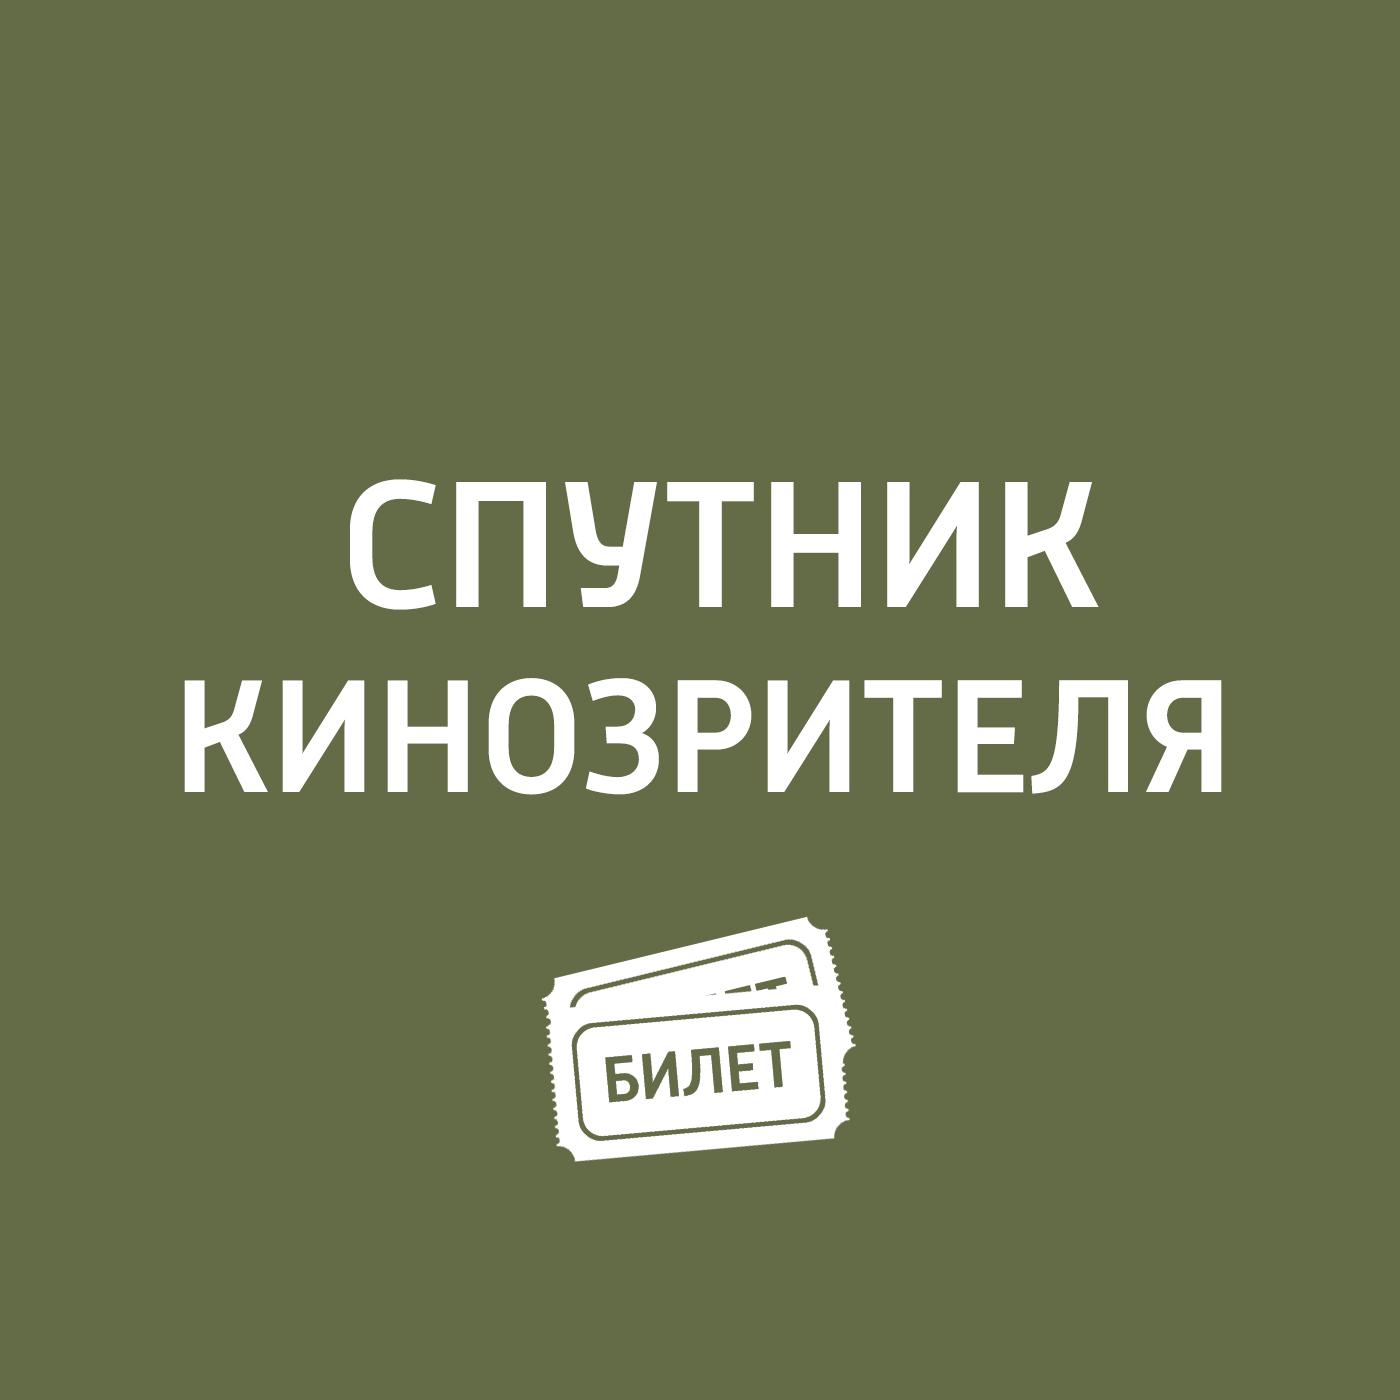 Антон Долин Берлинале 2016. «Нулевые дни антон долин об итогах берлинале 2017